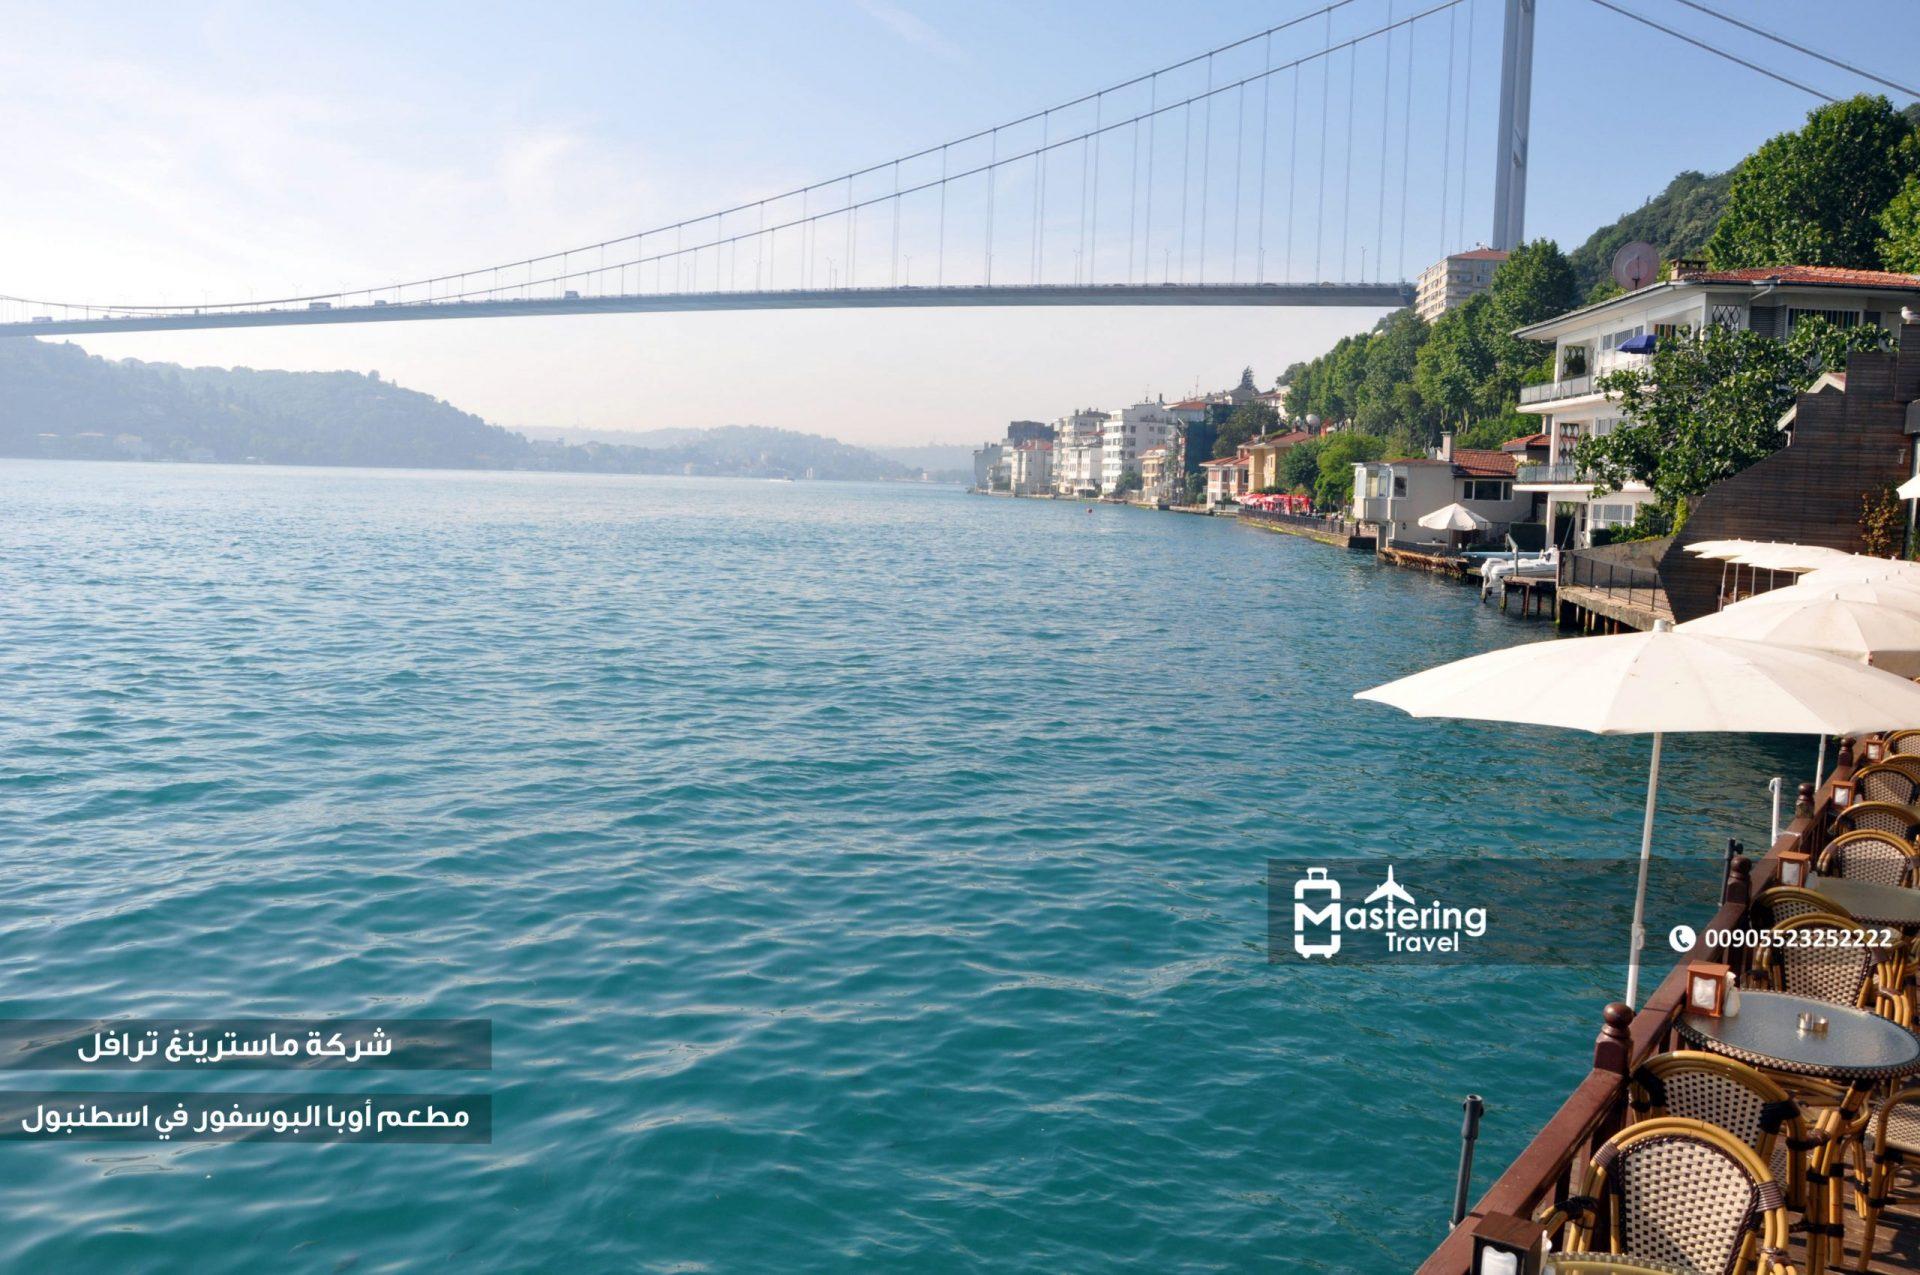 مطعم أوبا البوسفور في اسطنبول 1